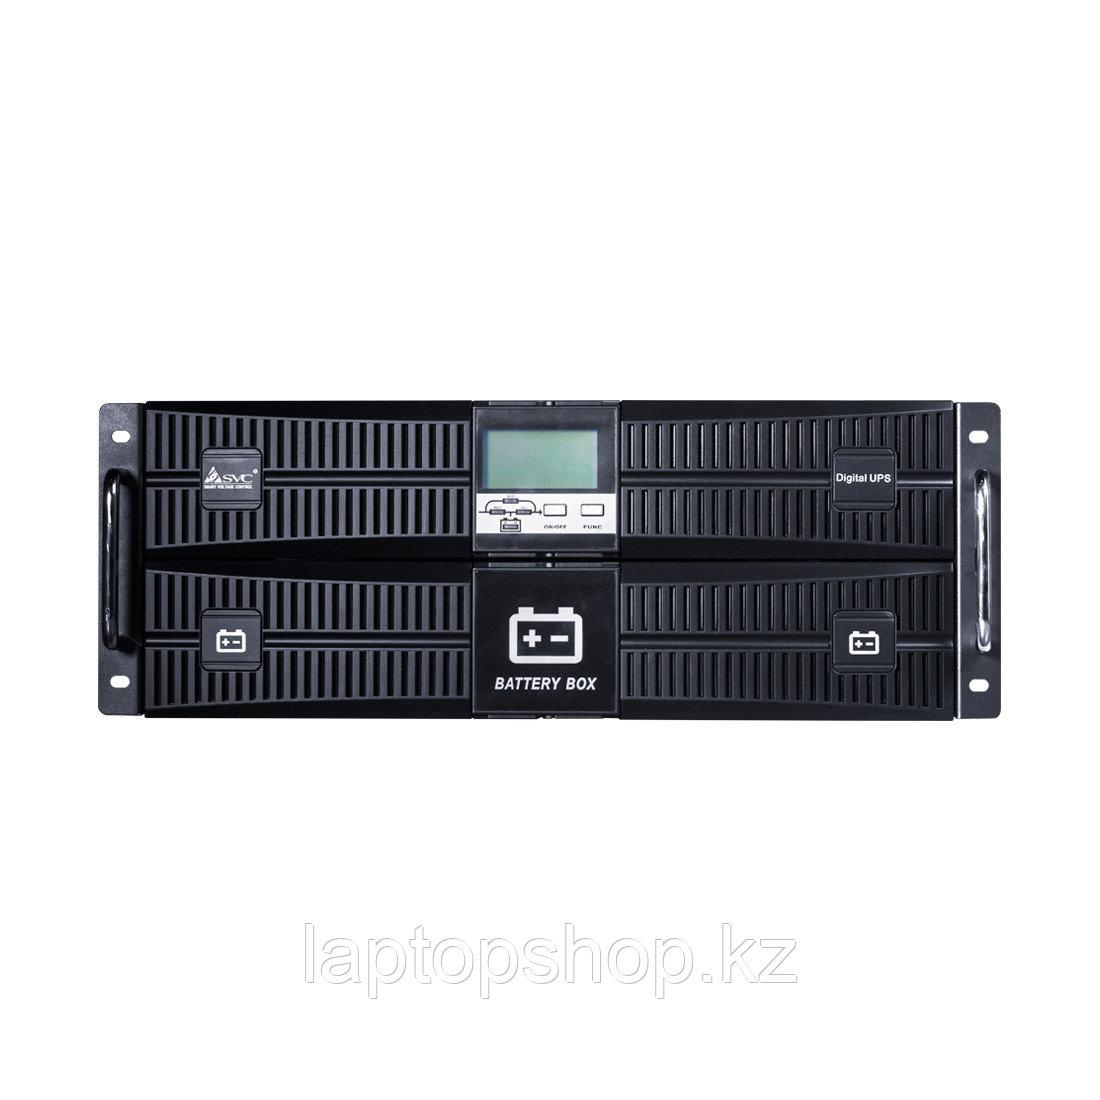 Источник бесперебойного питания SVC RT-10KL-LCD, Мощность 10кВА/10кВт